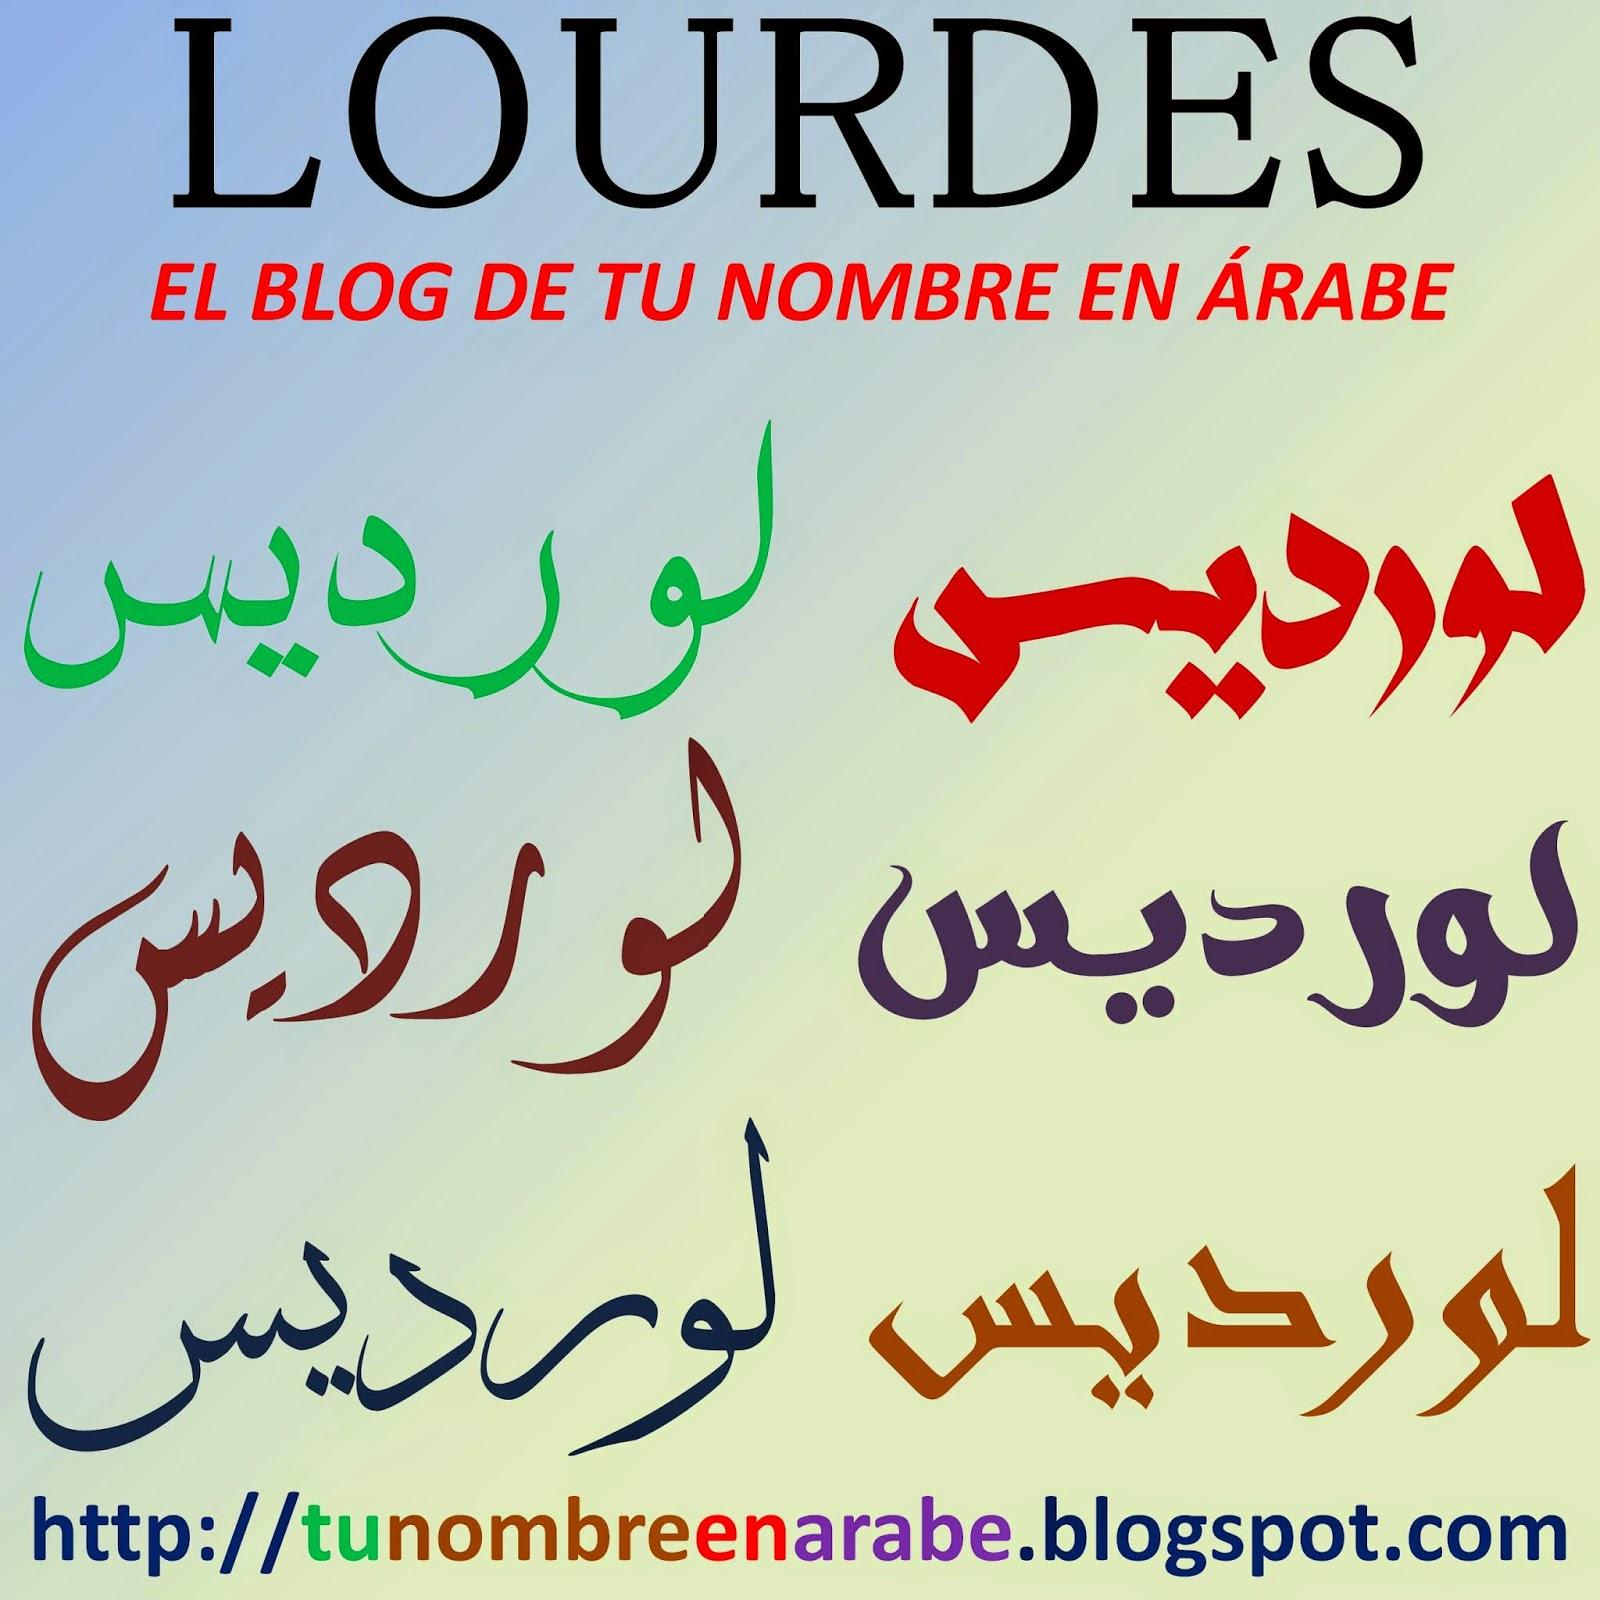 Escribir nombre Lourdes en letras arabes